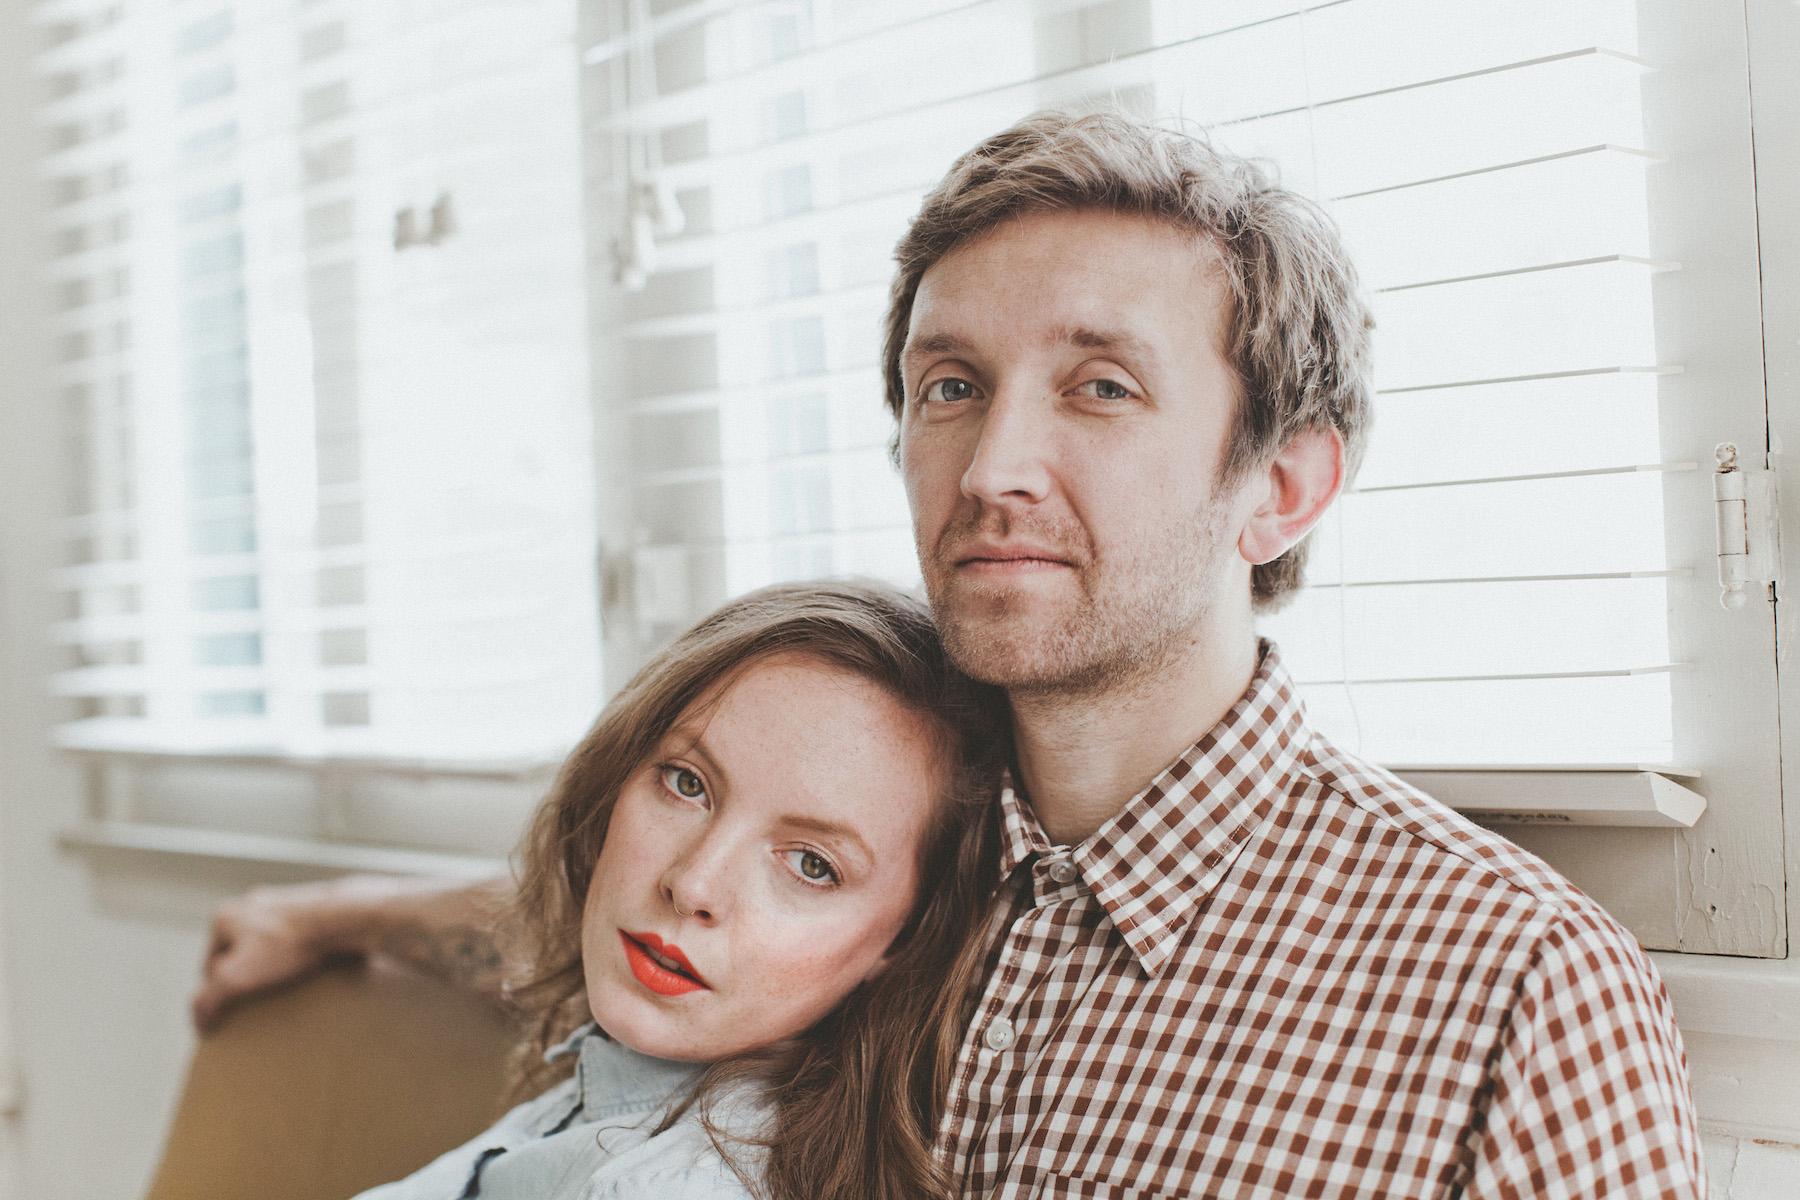 Amelia Meath and Nick Sanborn formed Sylvan Esso in 2013 (Photo via sylvanesso.com)